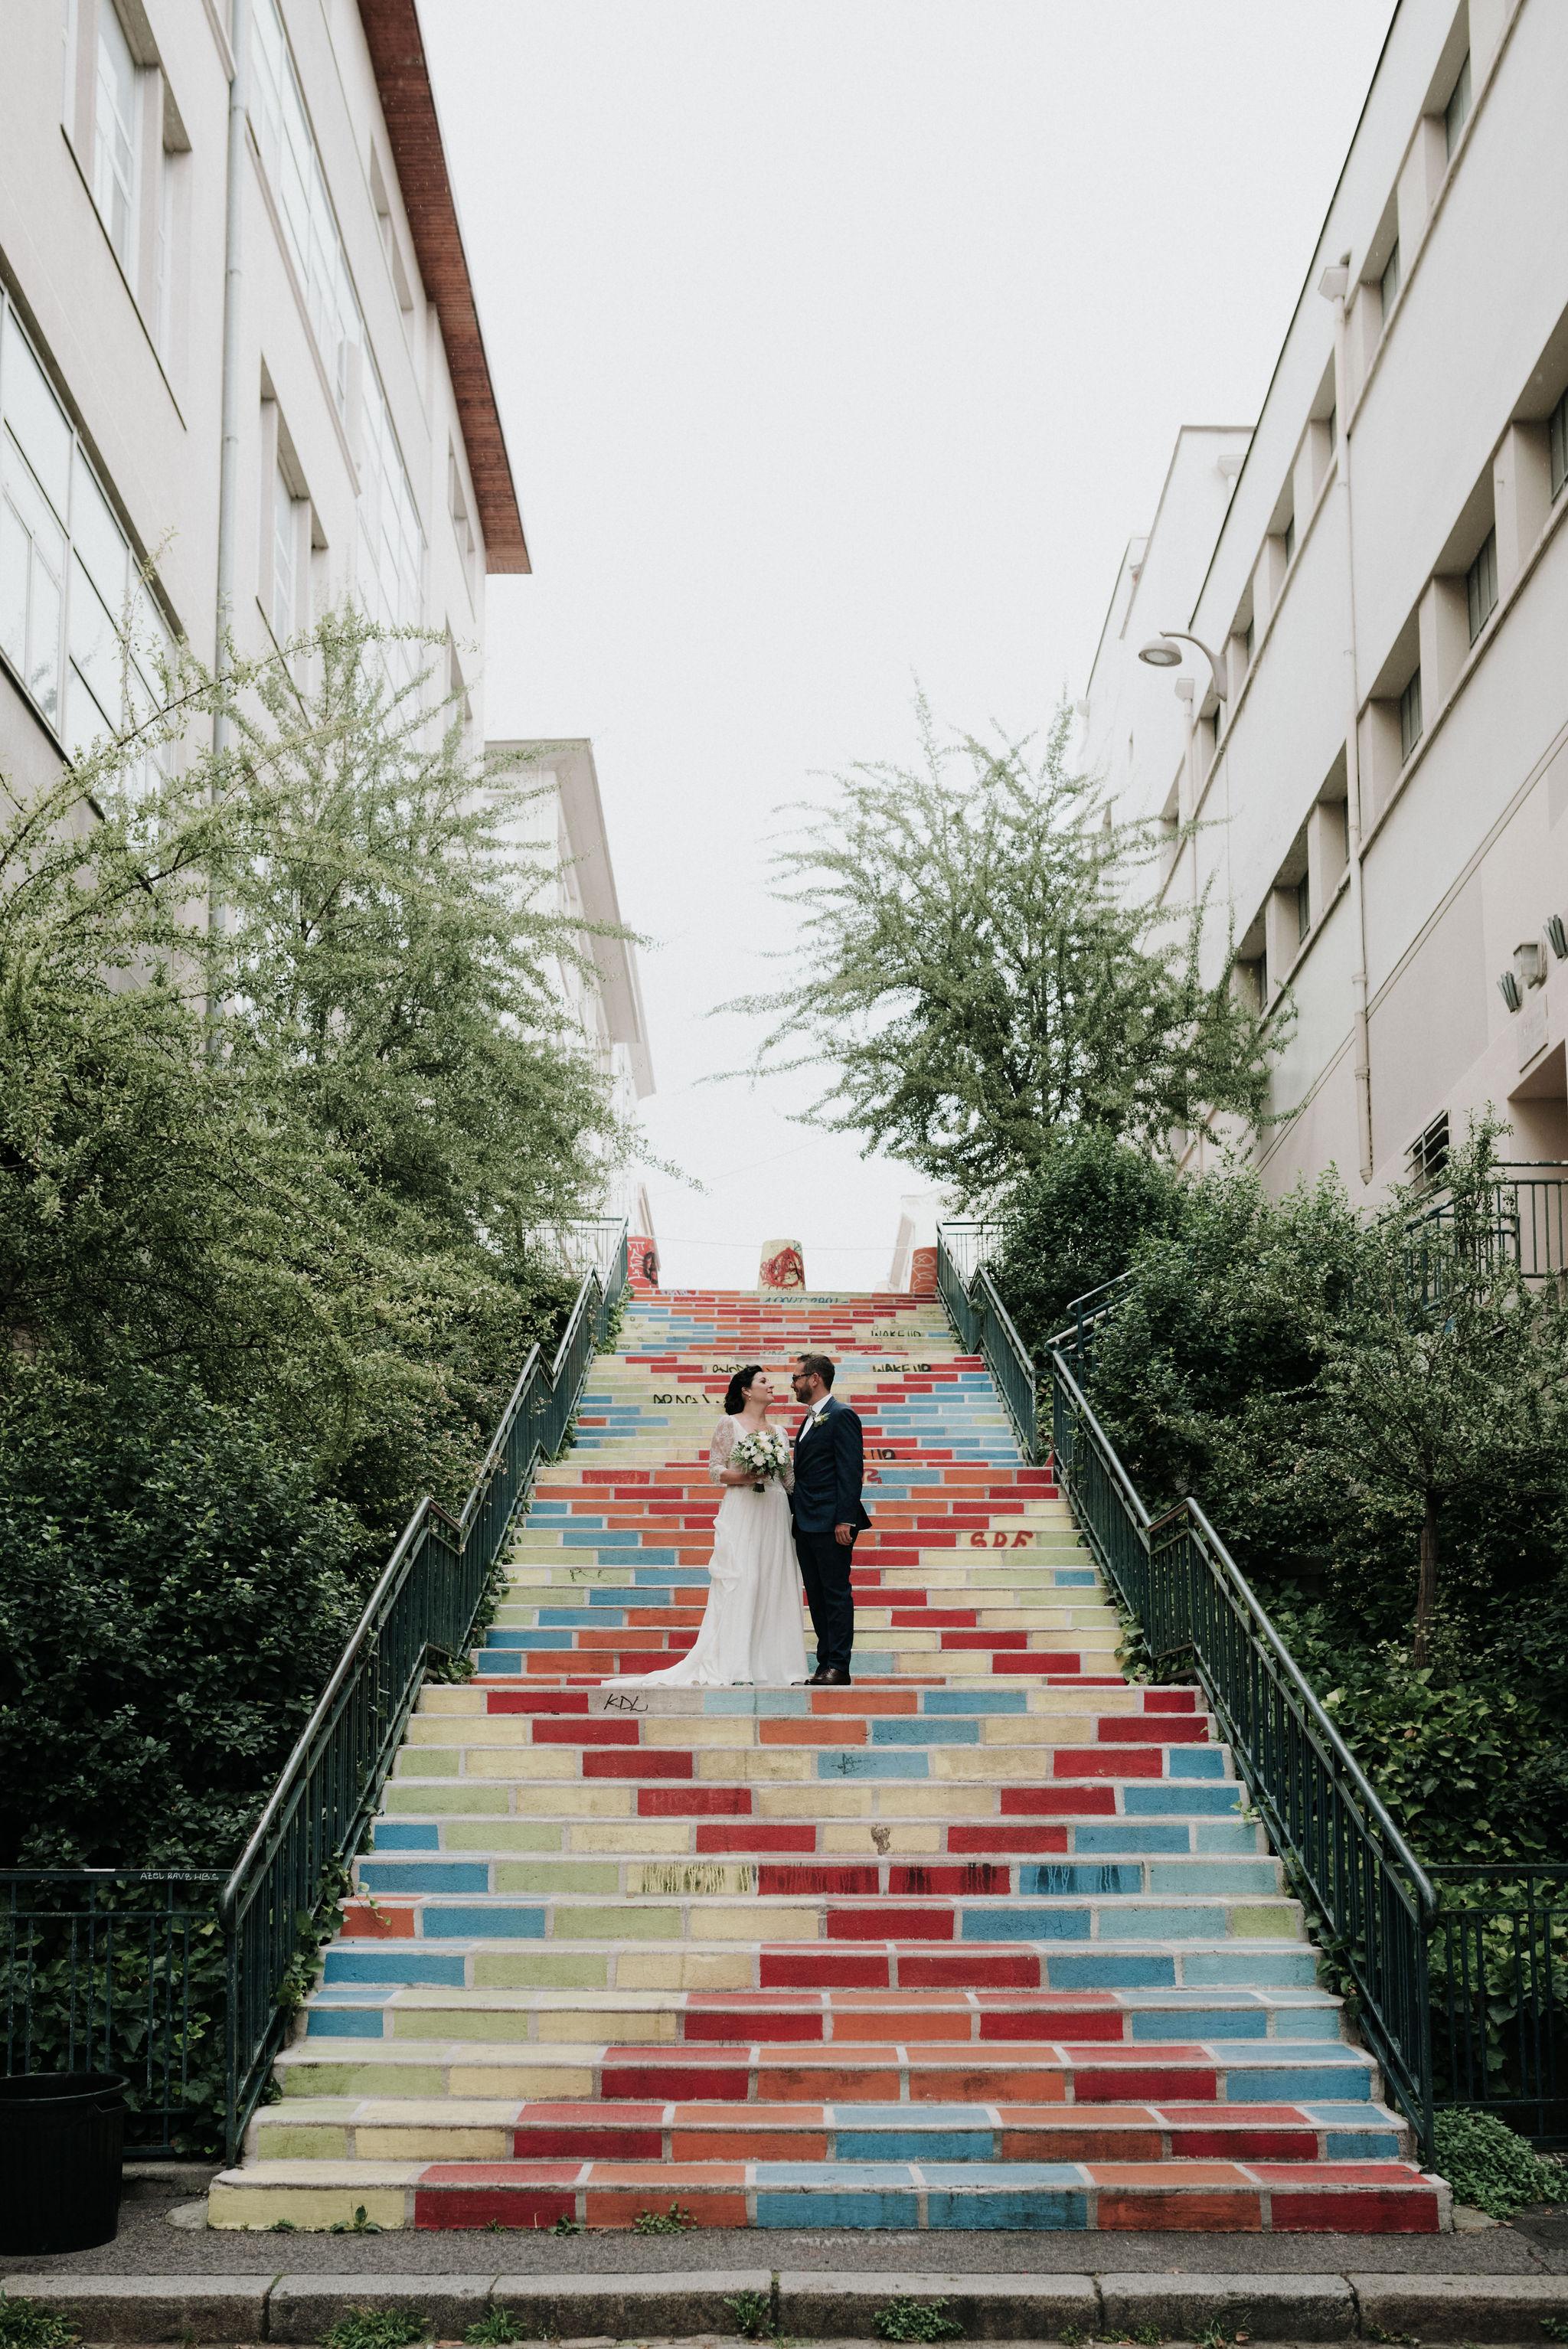 Léa-Fery-photographe-professionnel-lyon-rhone-alpes-portrait-creation-mariage-evenement-evenementiel-famille-5505.jpg